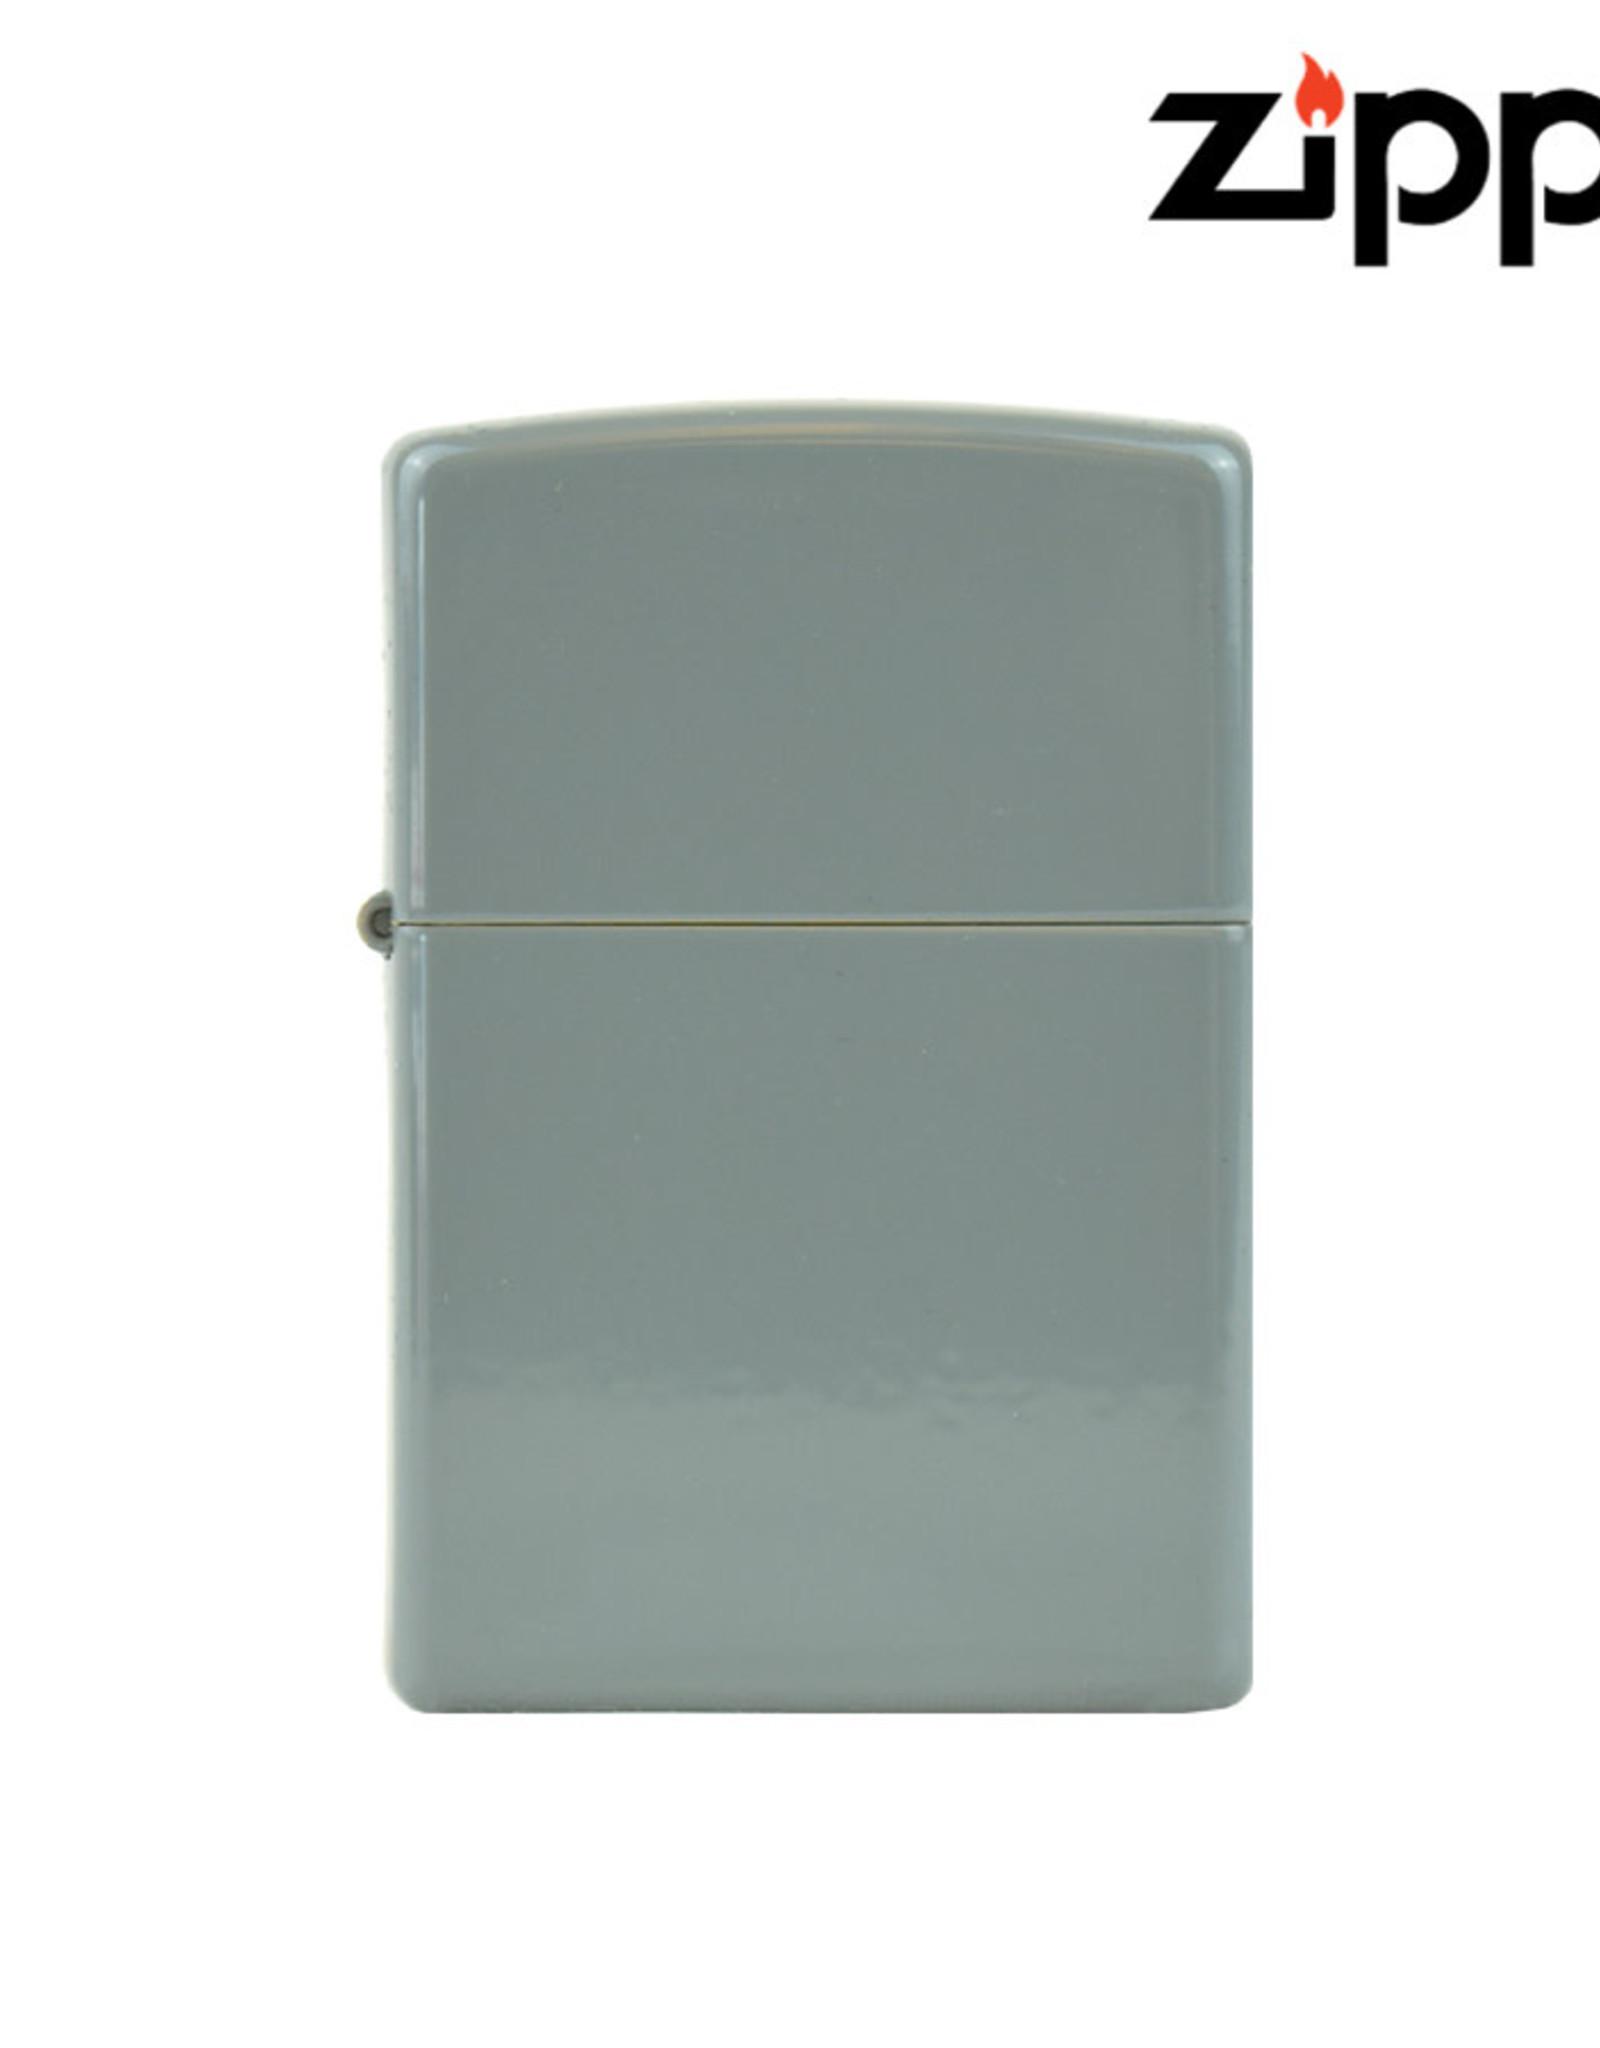 Zippo Flat Grey Zippo